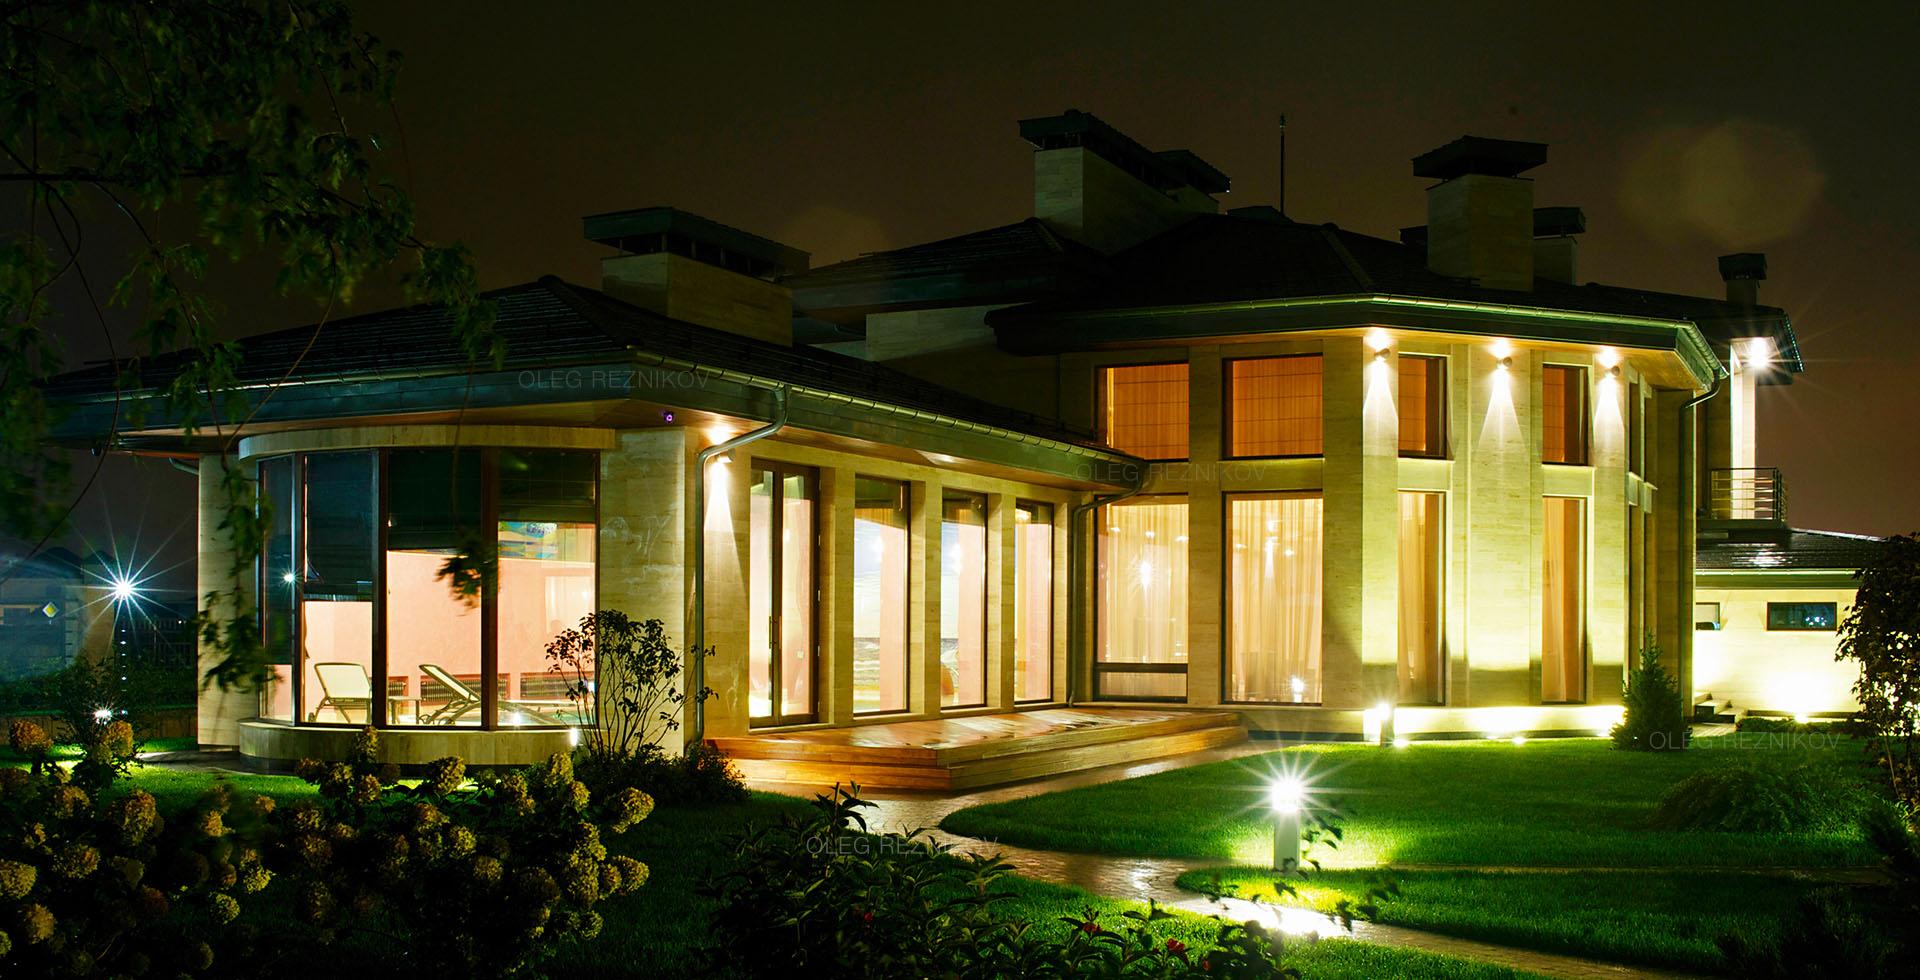 Загородный дом ночью.